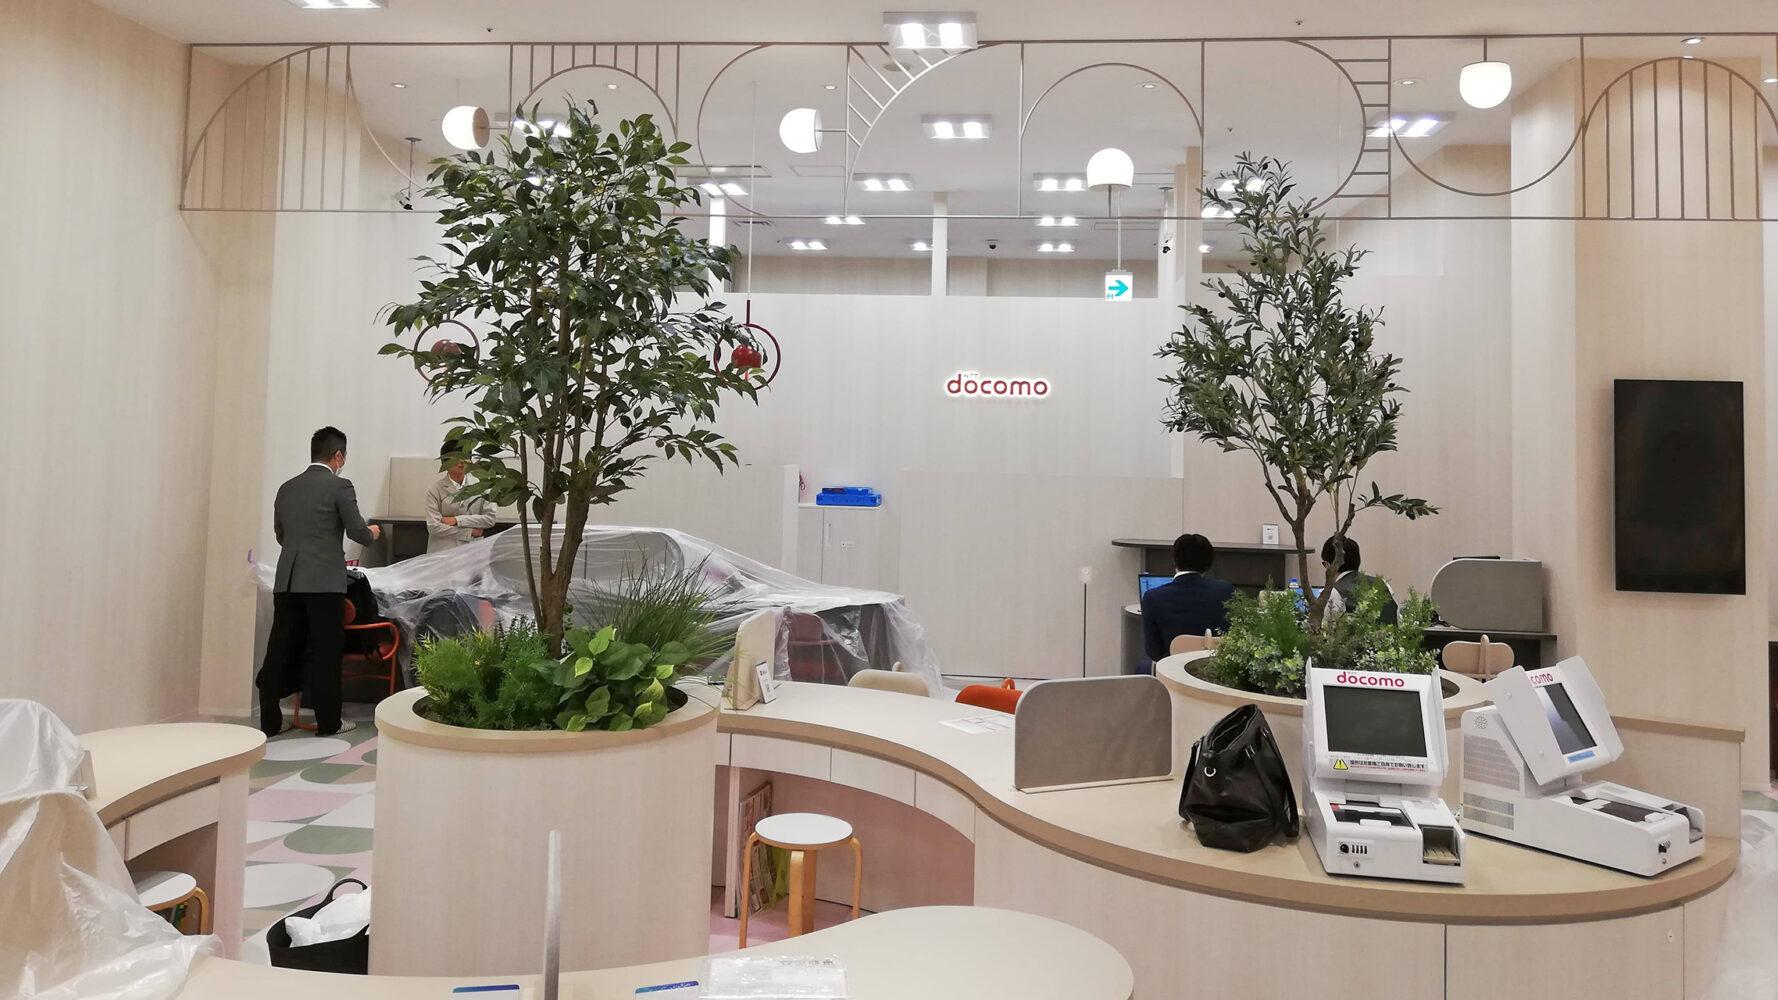 d garden ららぽーと豊洲店 事例画像